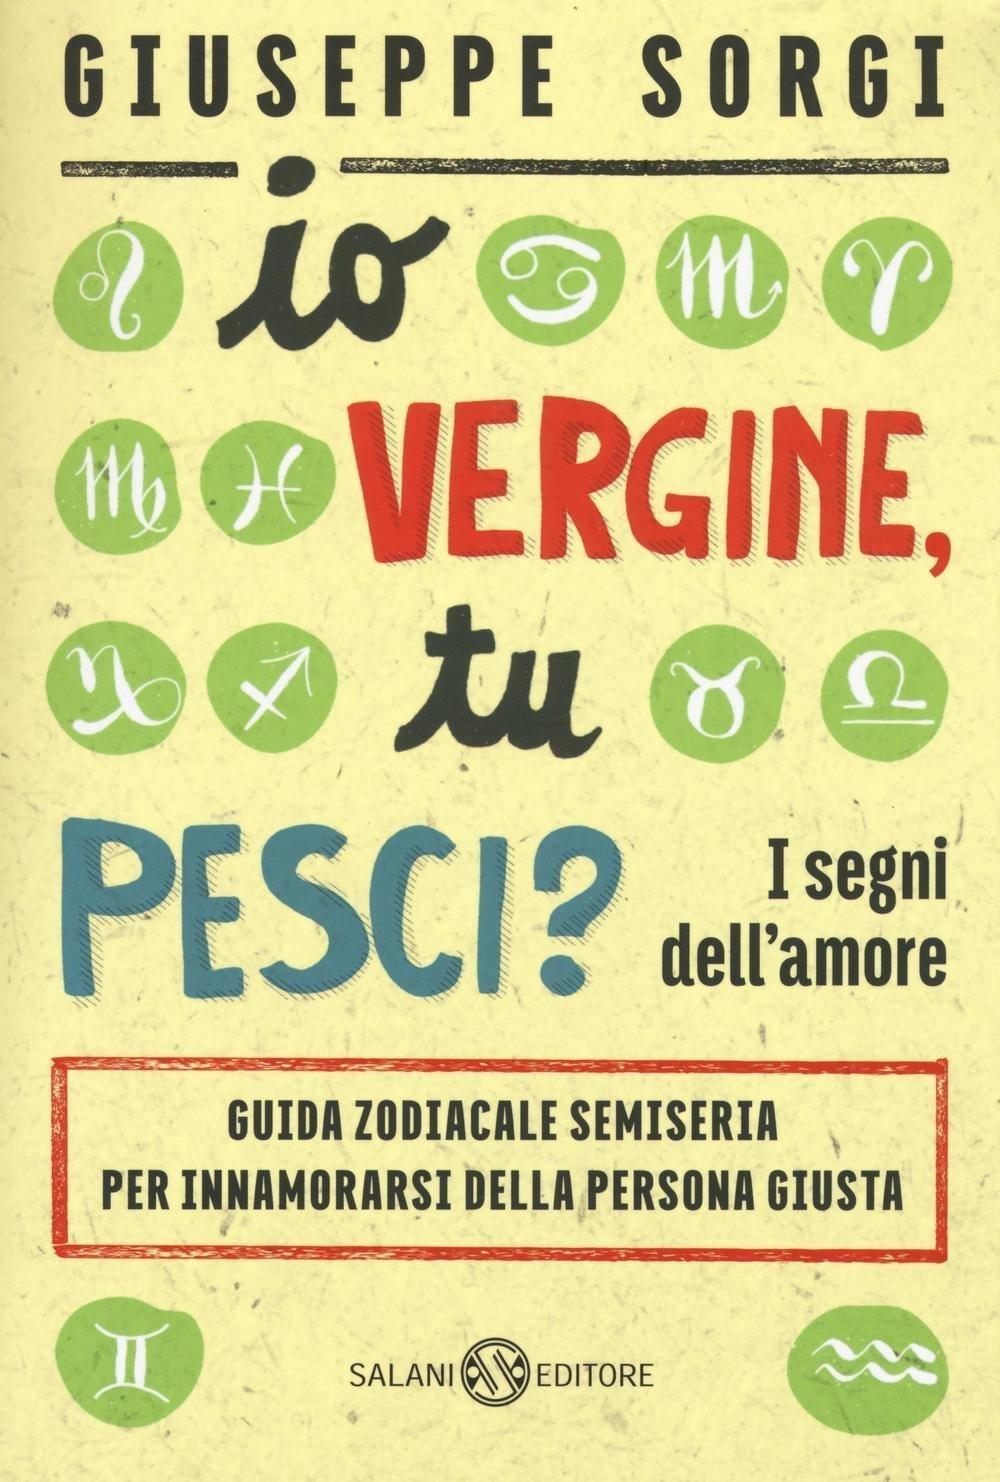 Online dating Vergine